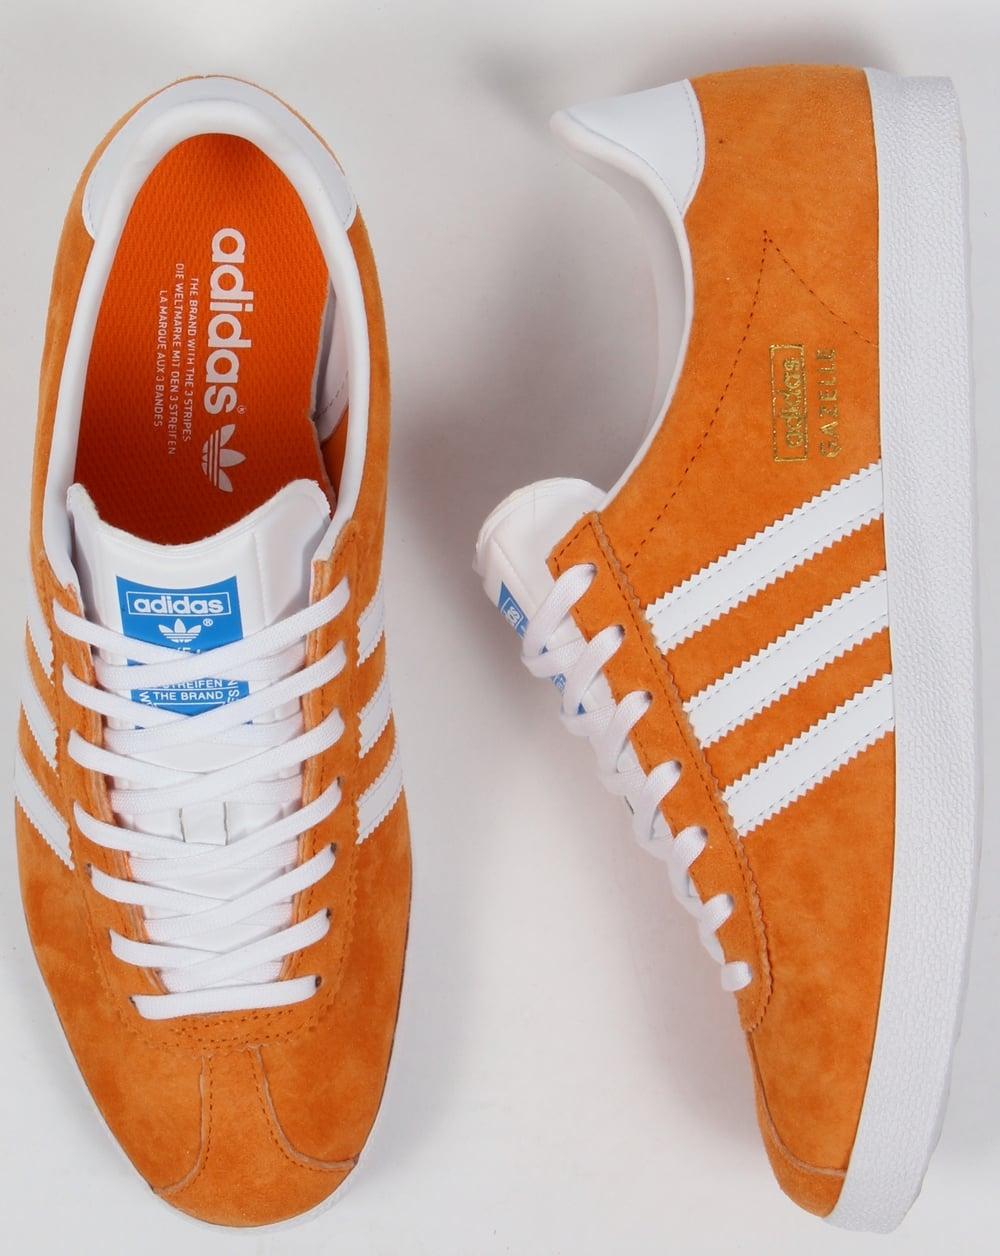 Adidas Gazelle OG Trainers Bright Orange/White